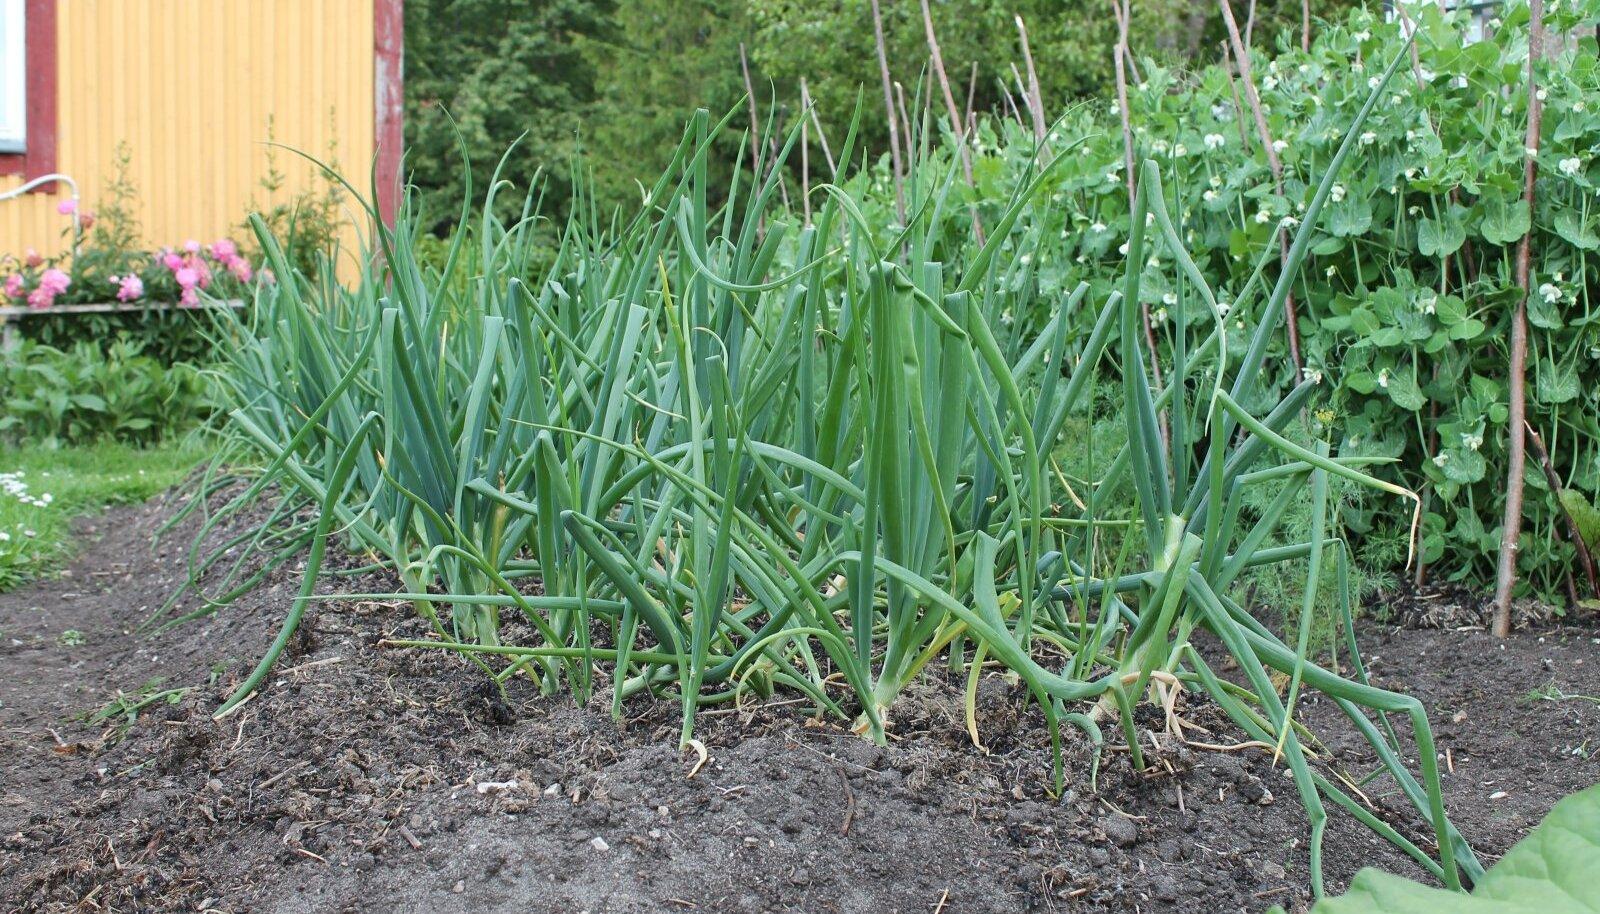 Sibul tahab kerget mulda, päikeselist ja üsna tuulist kasvukohta.